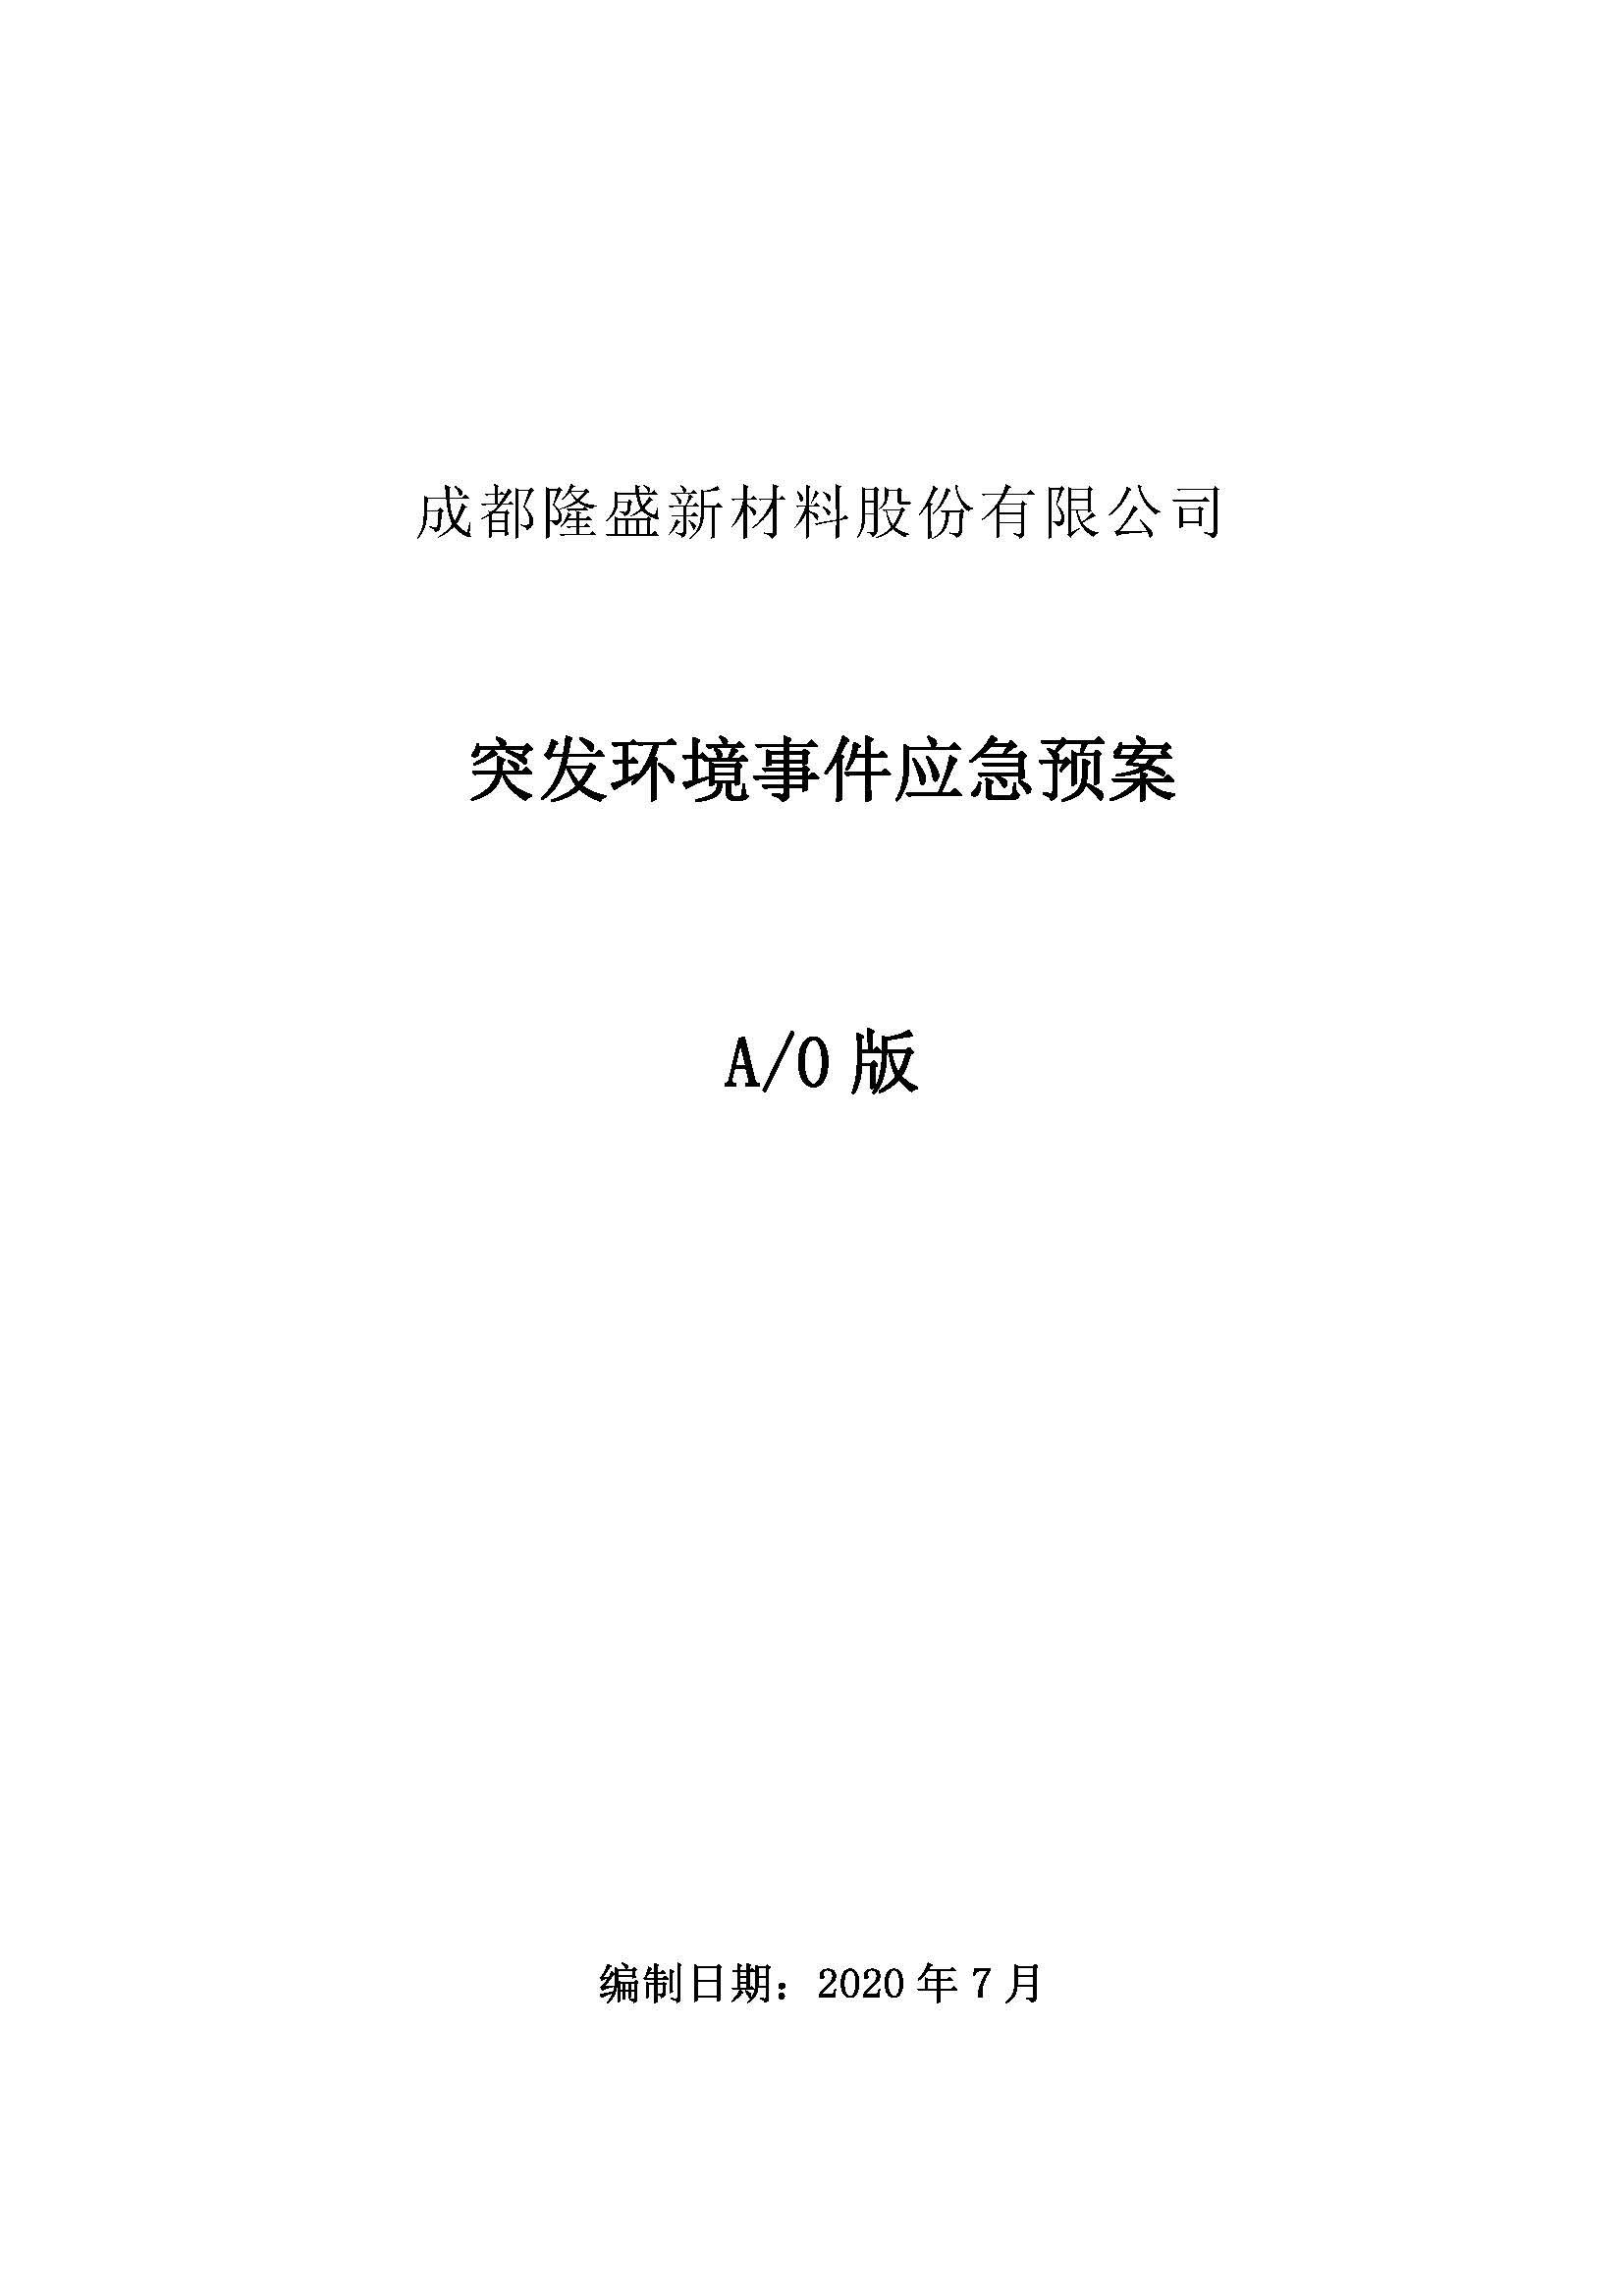 成都隆盛新材料股份有限公司综合应急预案